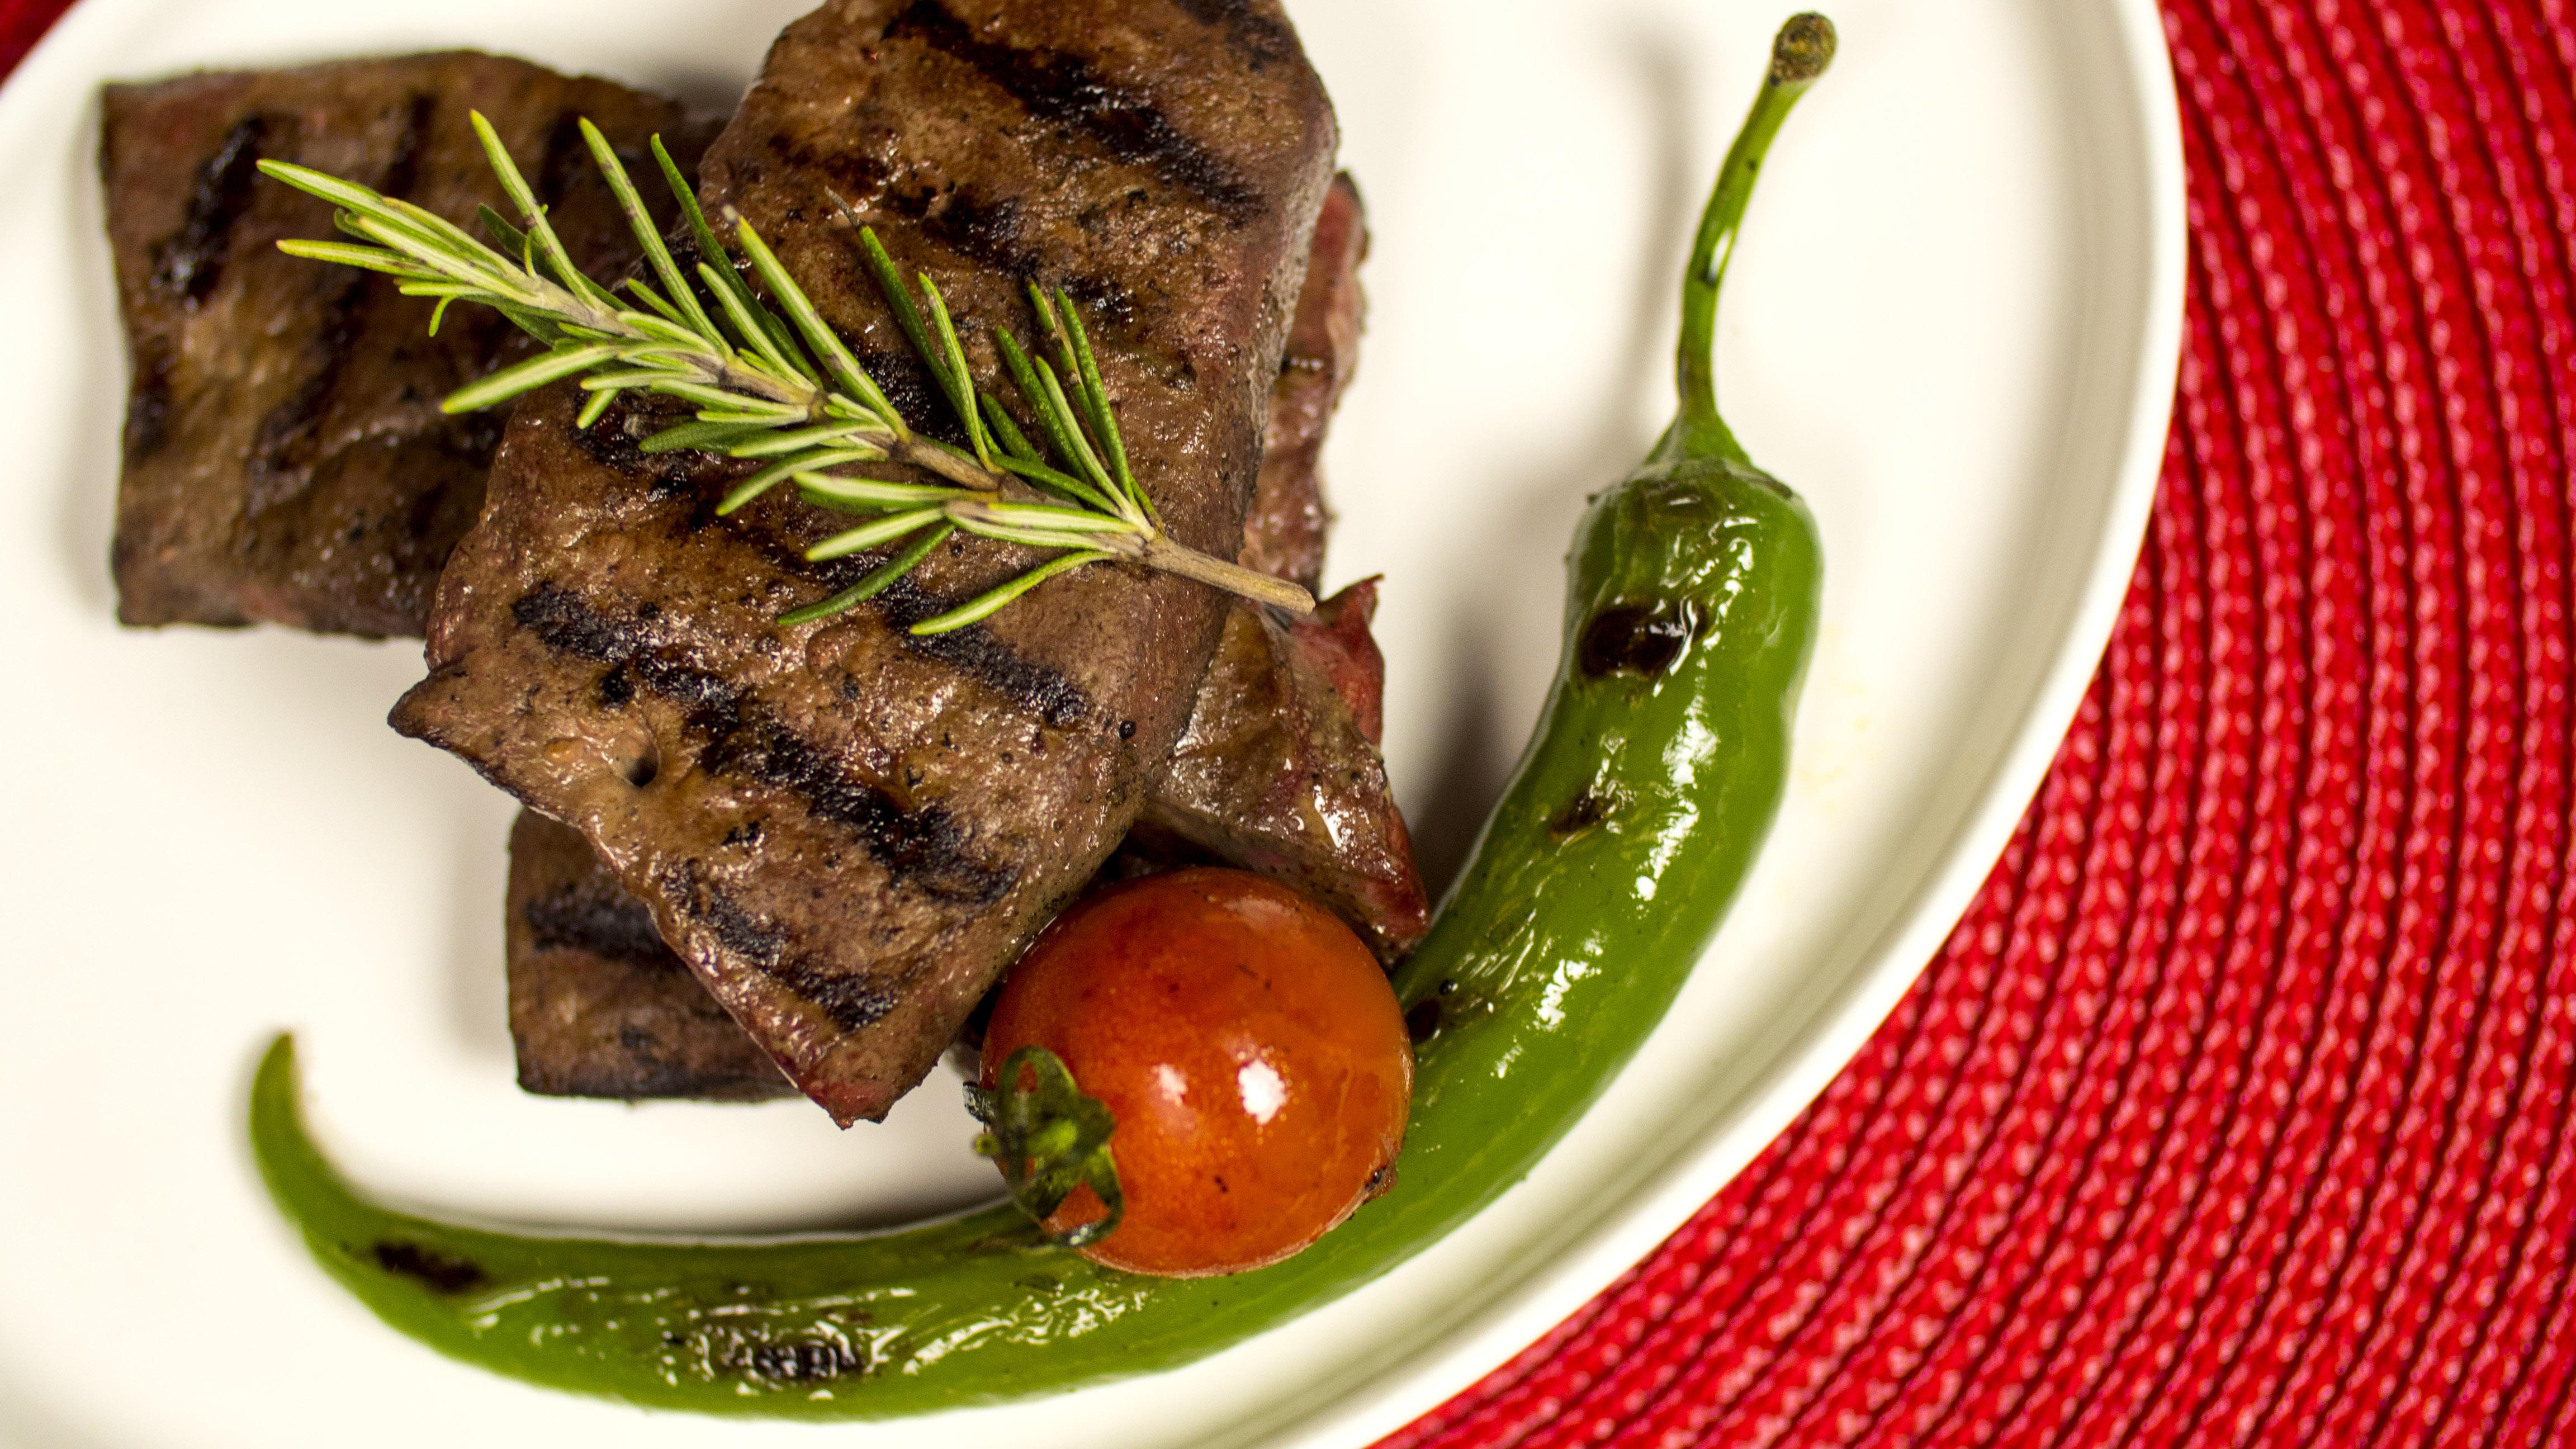 Sağlıklı Et Tüketimi Nasıl Olmalıdır